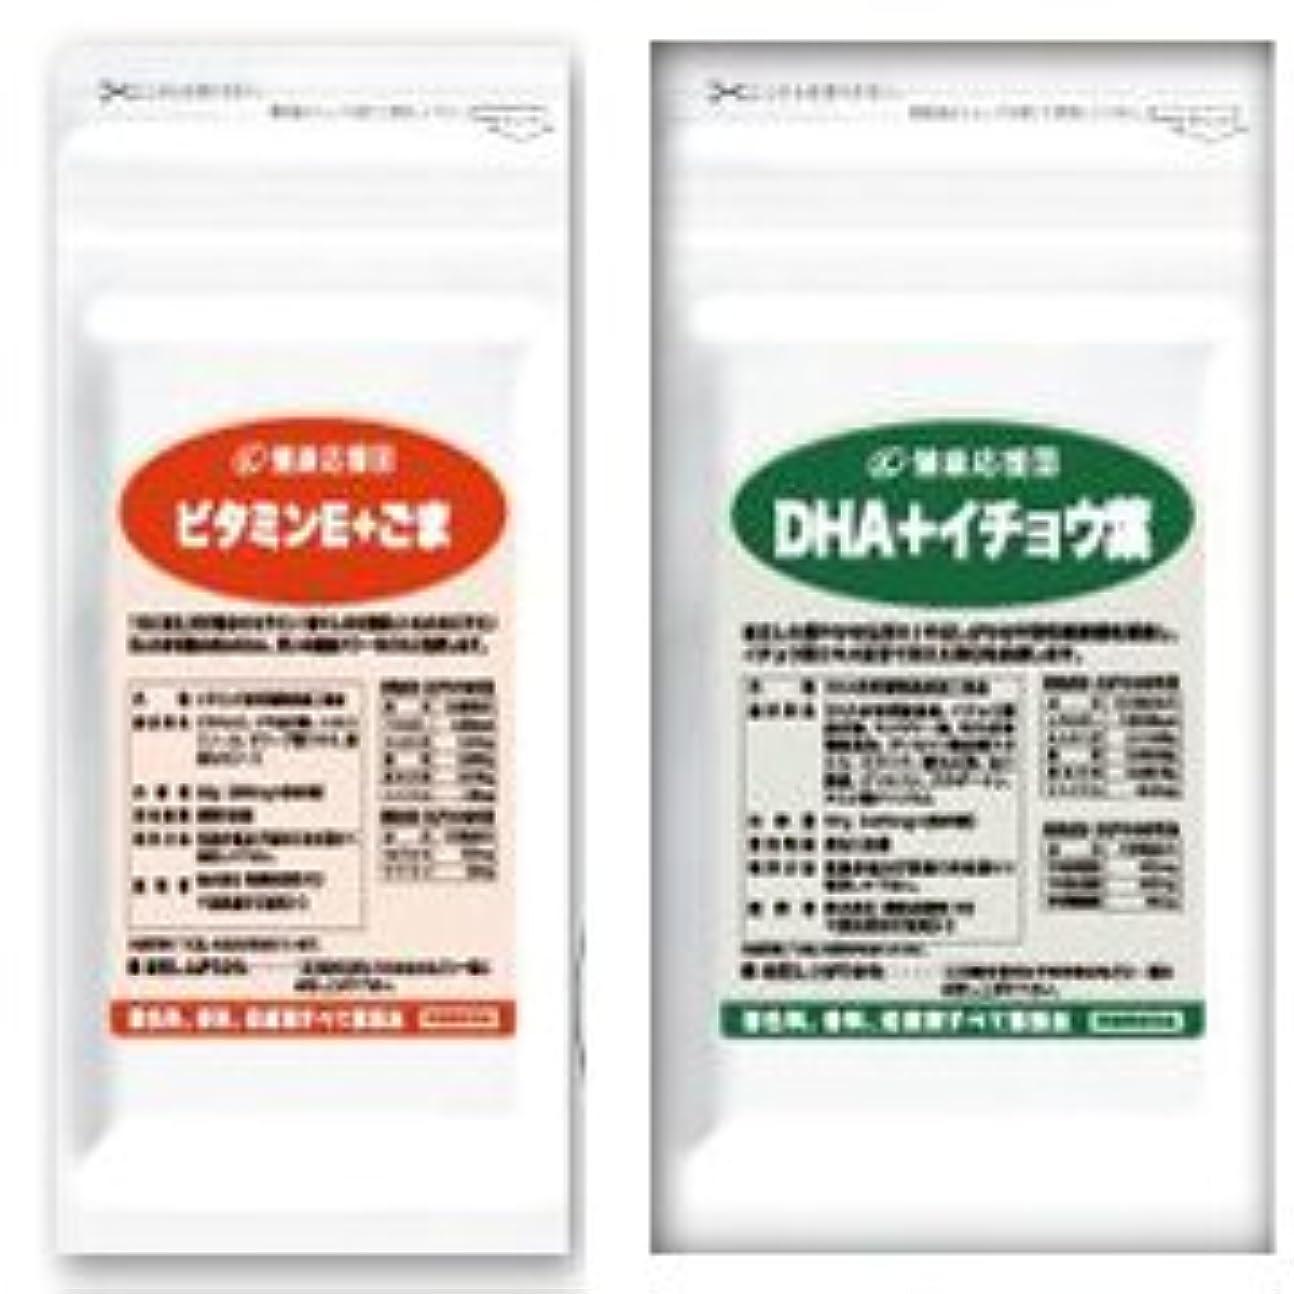 コーラスかどうか取り替える(お徳用6か月分)毎日元気セット (ビタミンE+ごま) + (DHA+イチョウ葉エキス)6袋&6袋セット (DHA?EPA?ビタミンE?セサミン)